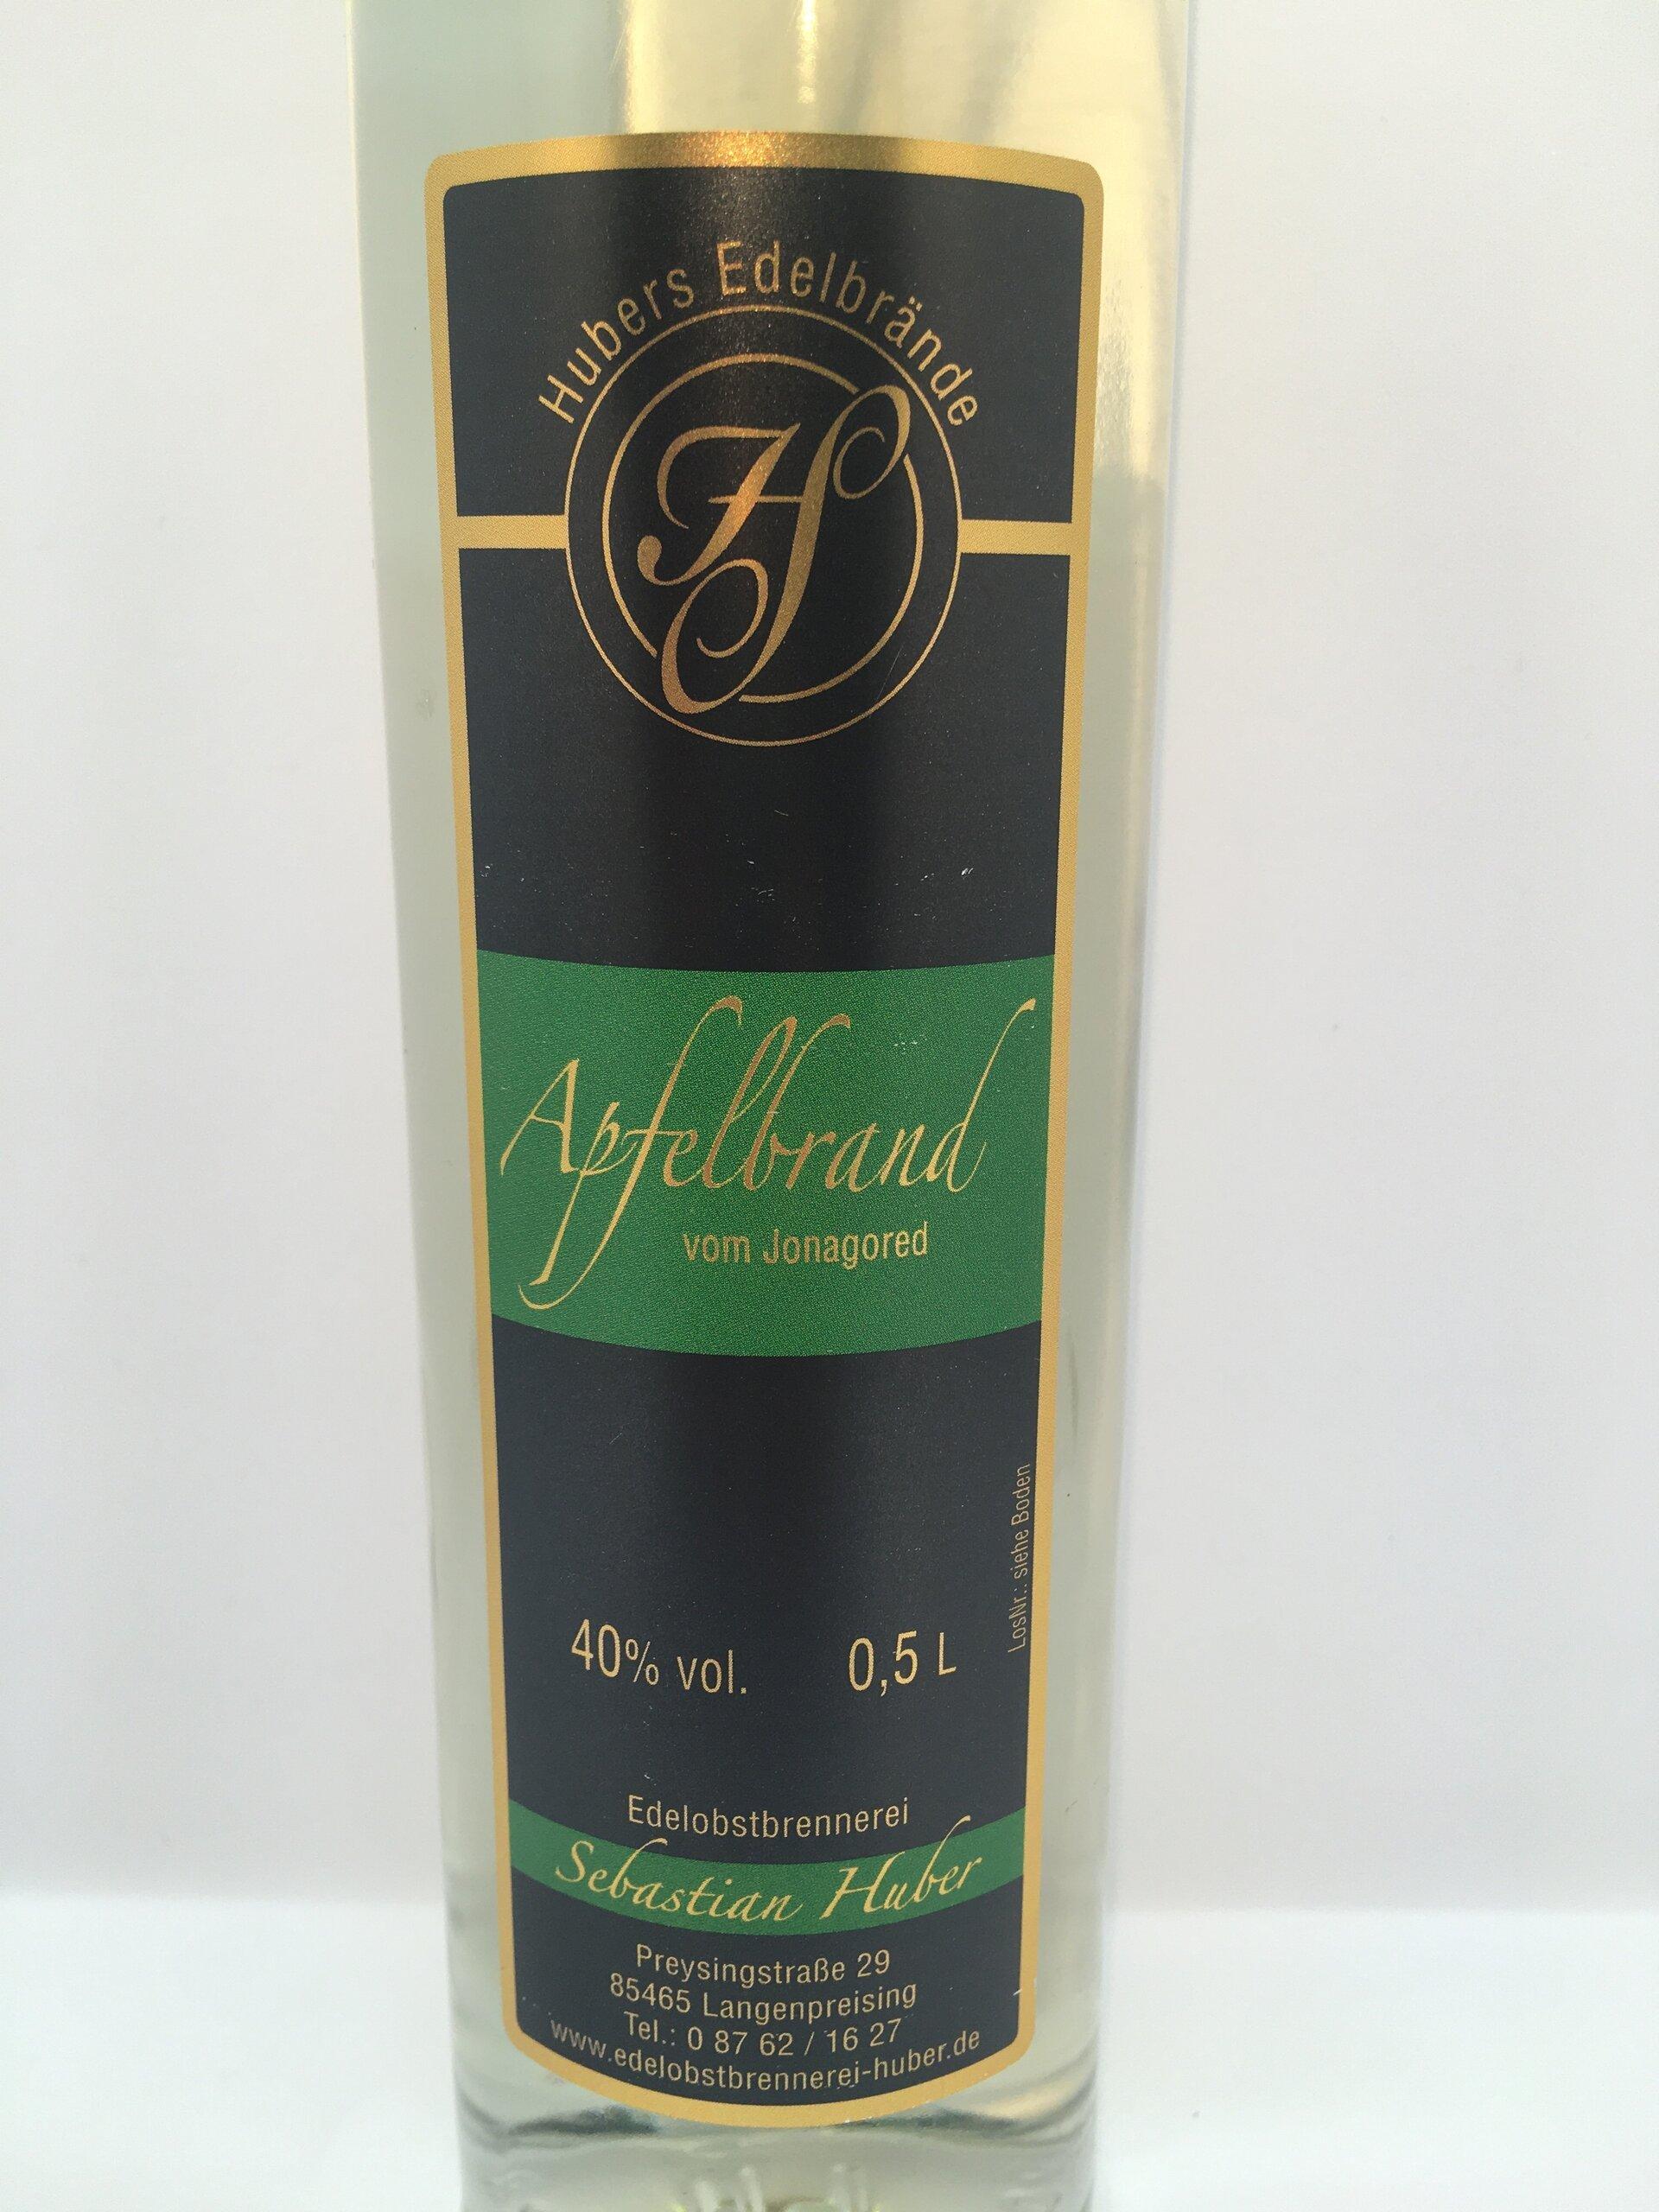 Apfelbrand Jonagored Etikett